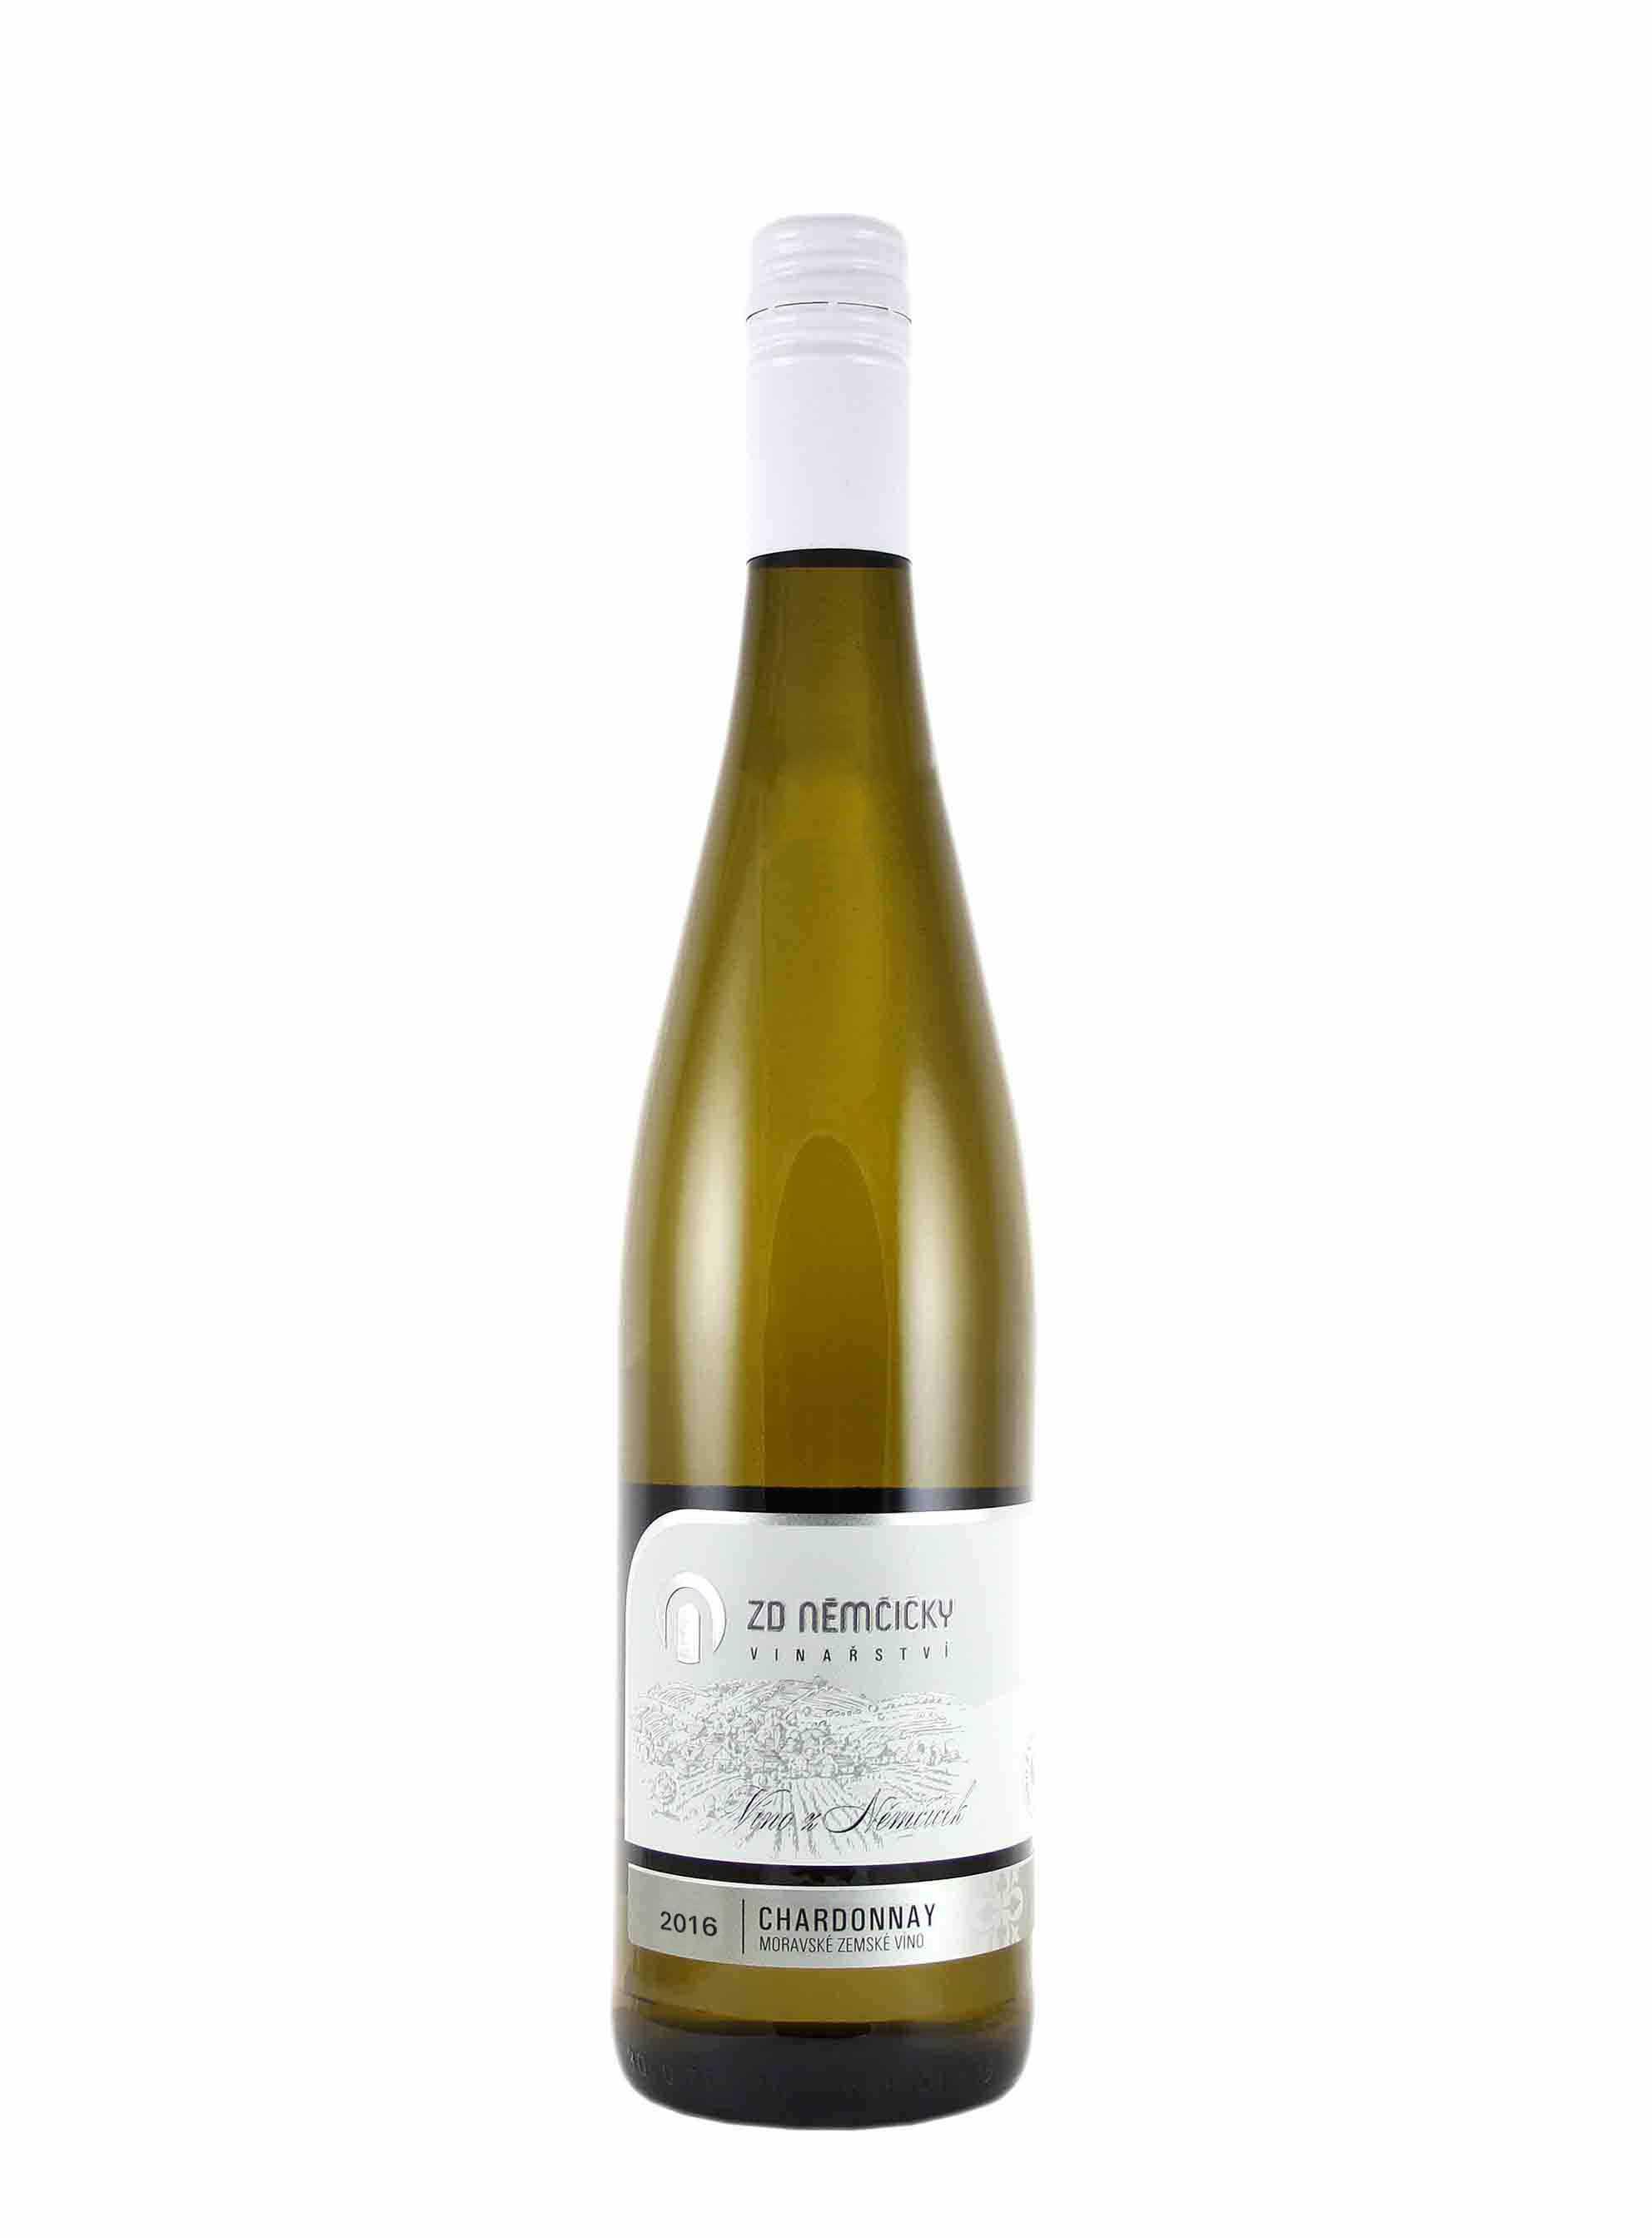 Chardonnay, Klasik, Zemské, 2016, ZD Němčičky, 0.75 l